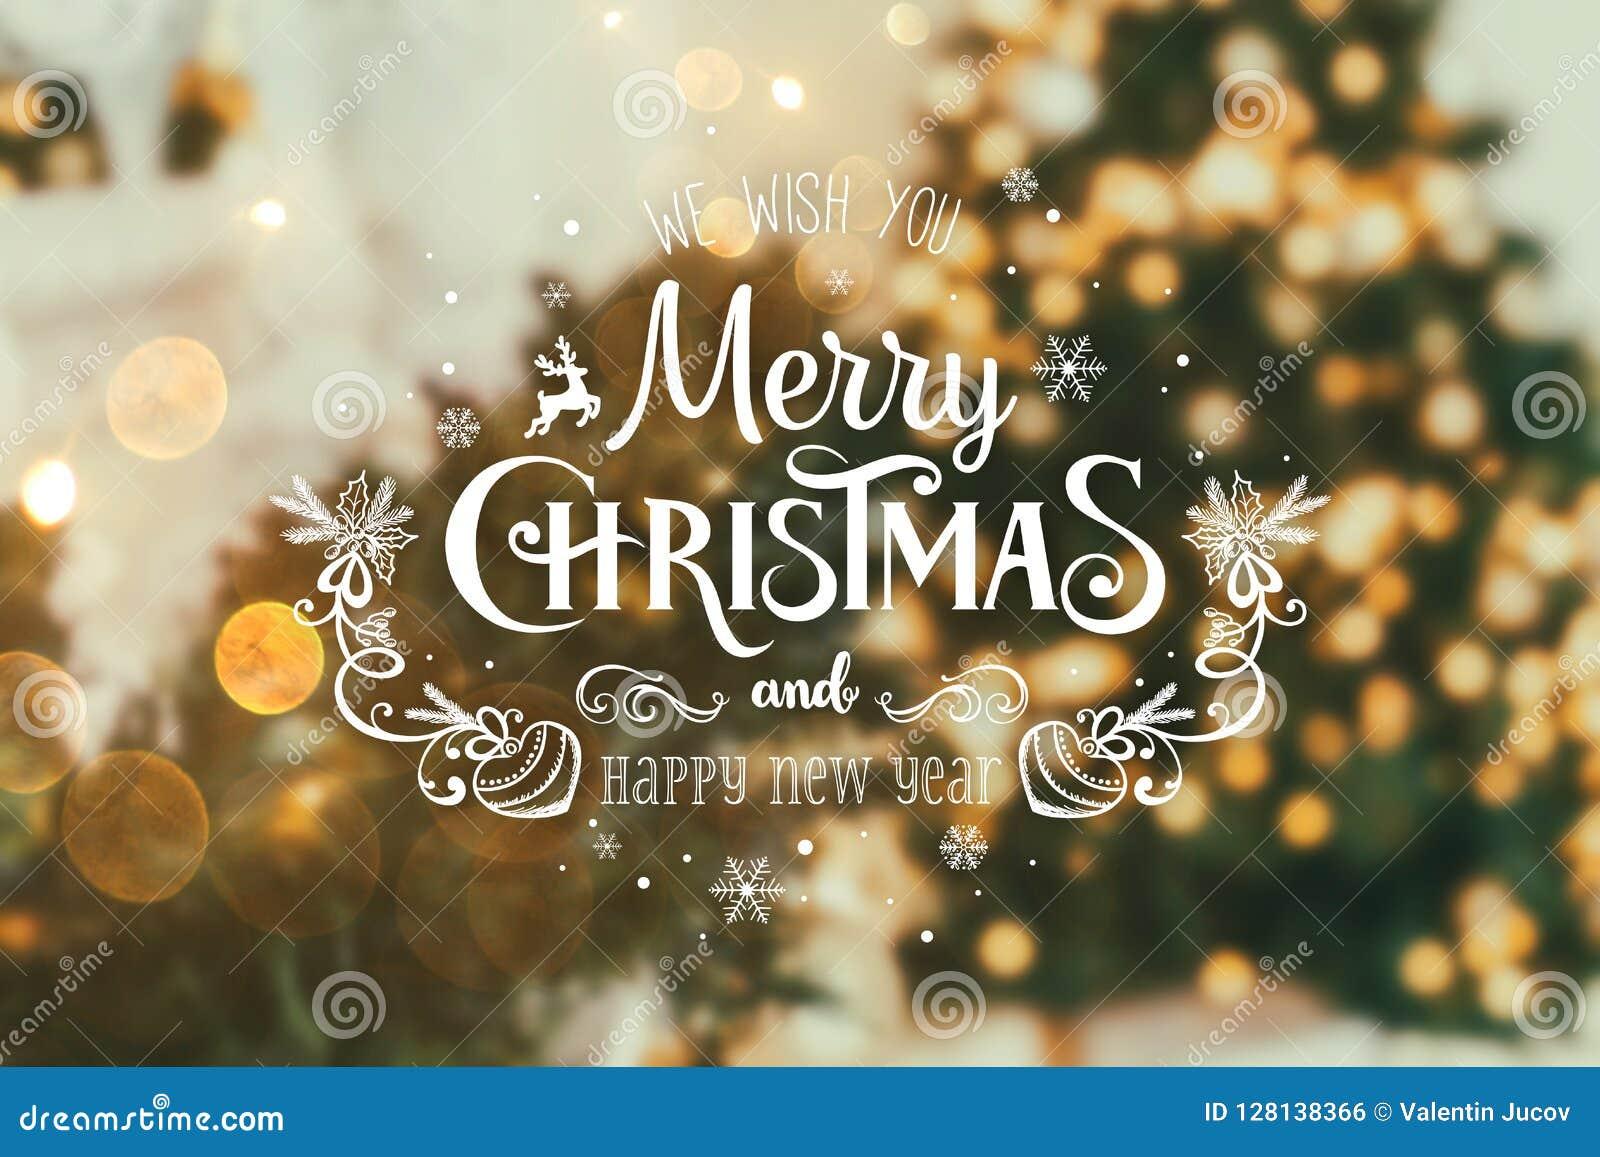 Frohe Weihnachten Text Karte.Weihnachtsbaumhintergrund Und Weihnachtsdekorationen Mit